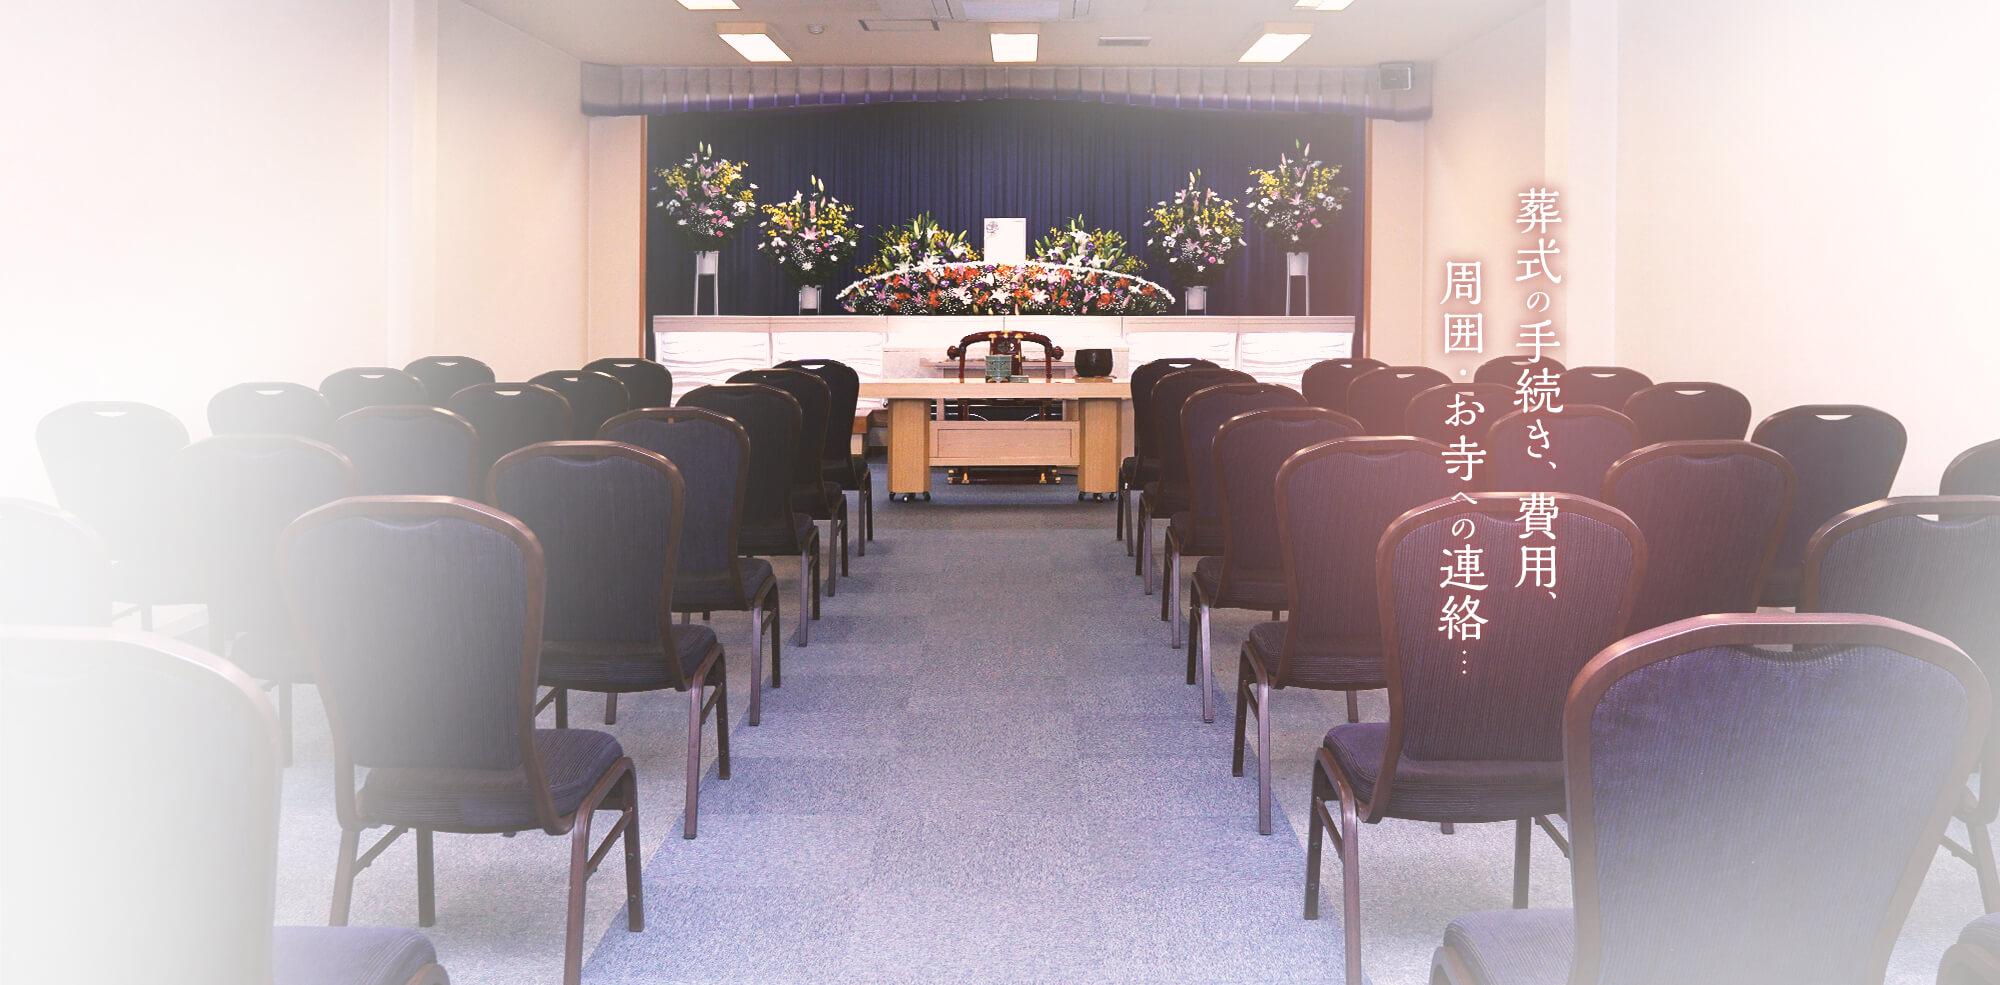 葬式の手続き、費用、周囲・お寺への連絡・・・